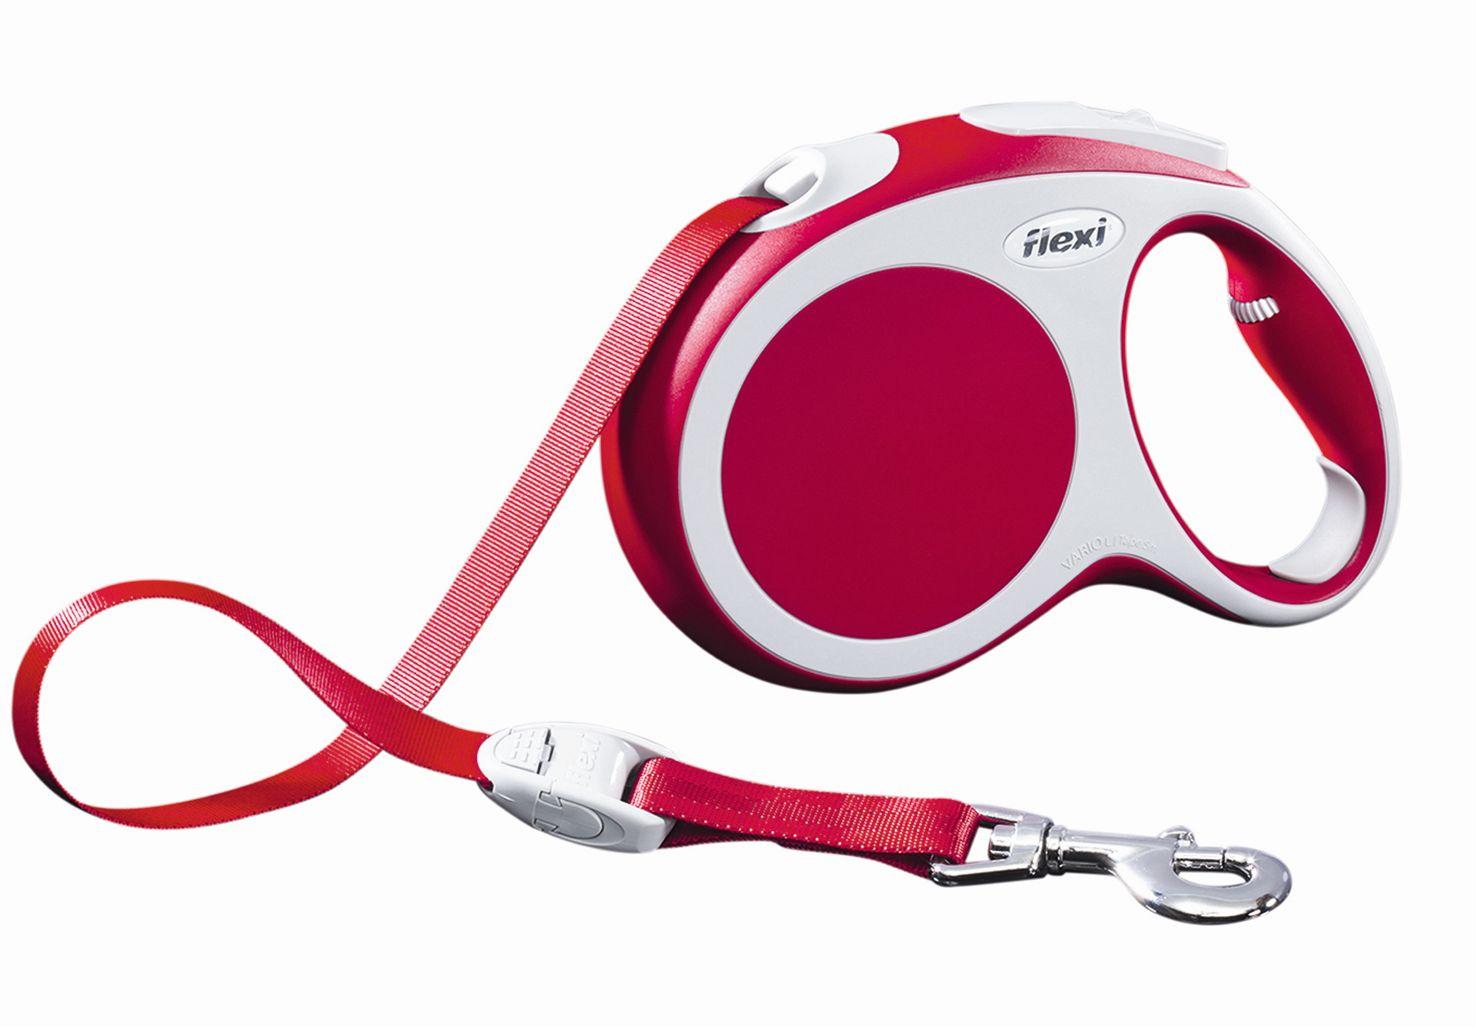 Поводок-рулетка Flexi Vario Compact L для собак до 60 кг, цвет: красный, 5 м поводок рулетка flexi color м для собак до 20 кг цвет черный голубой 5 м